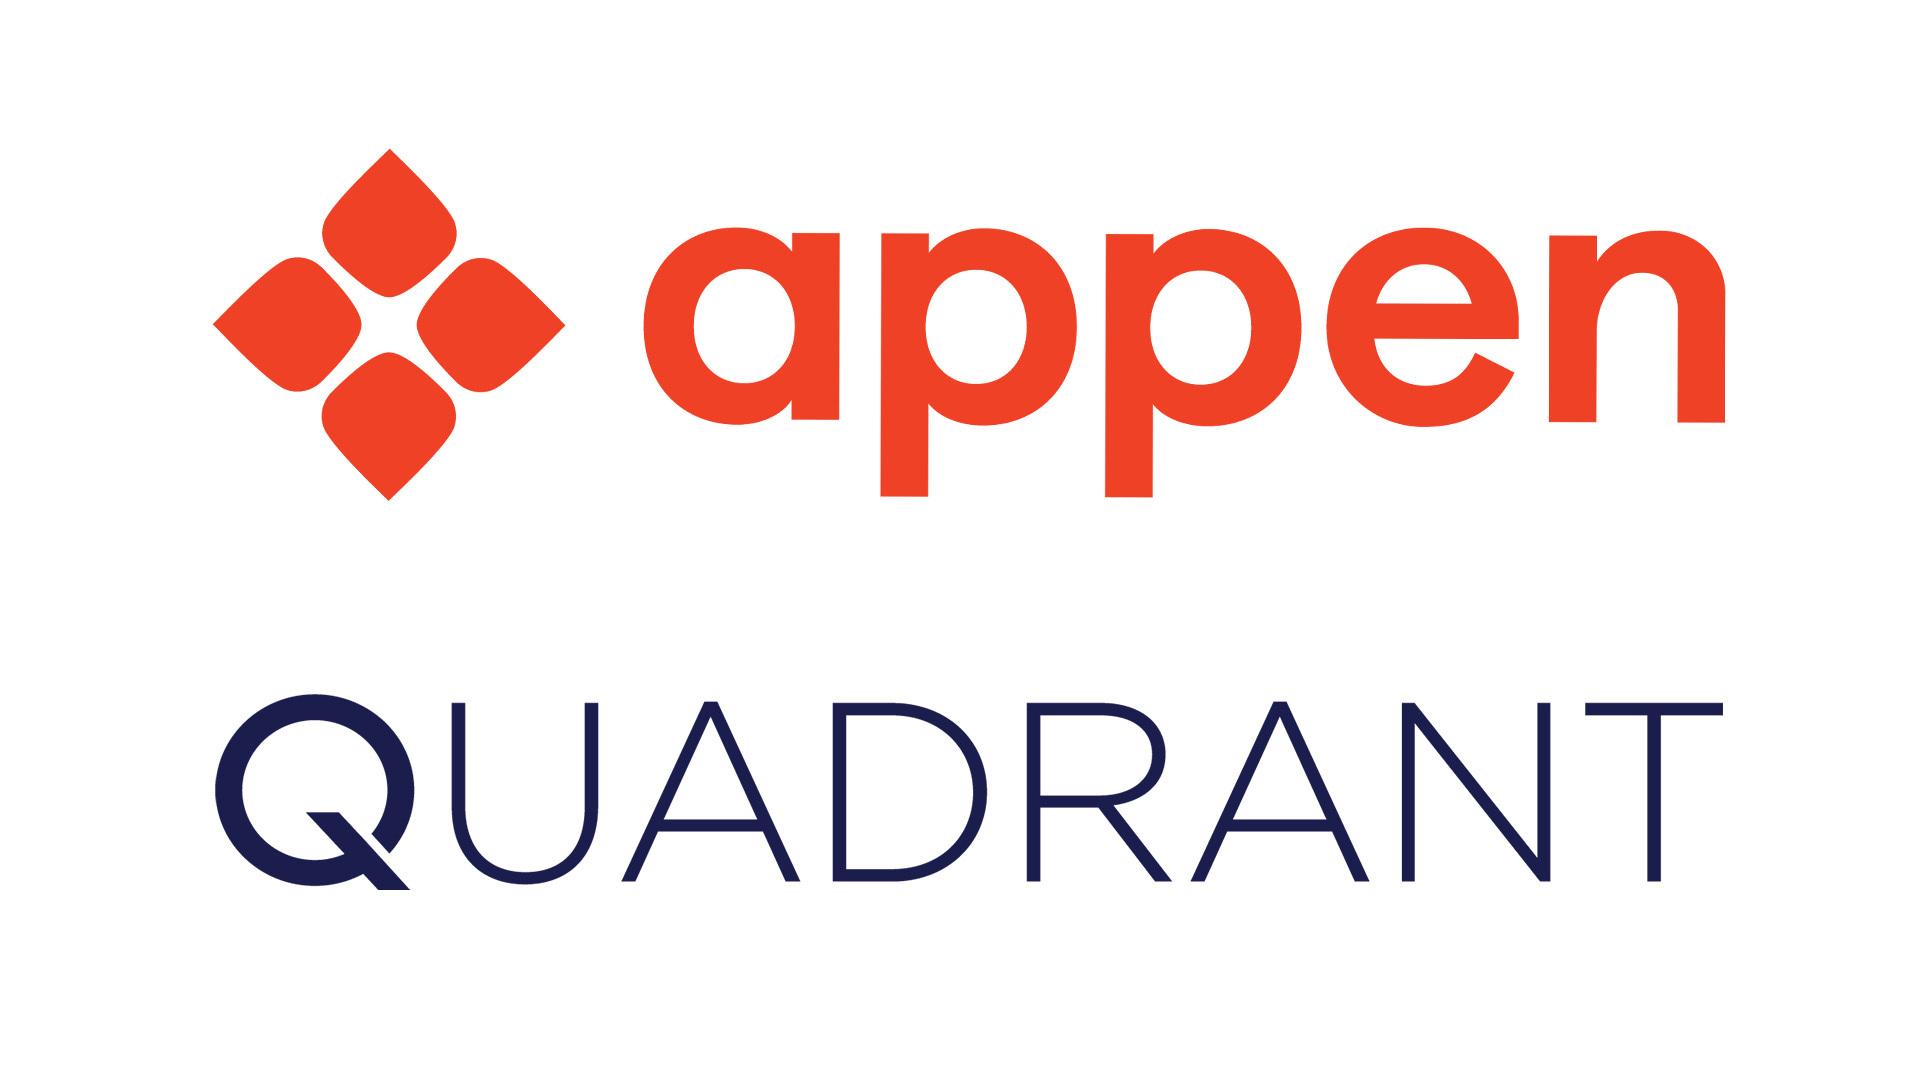 Appen_acquires_Quadrant